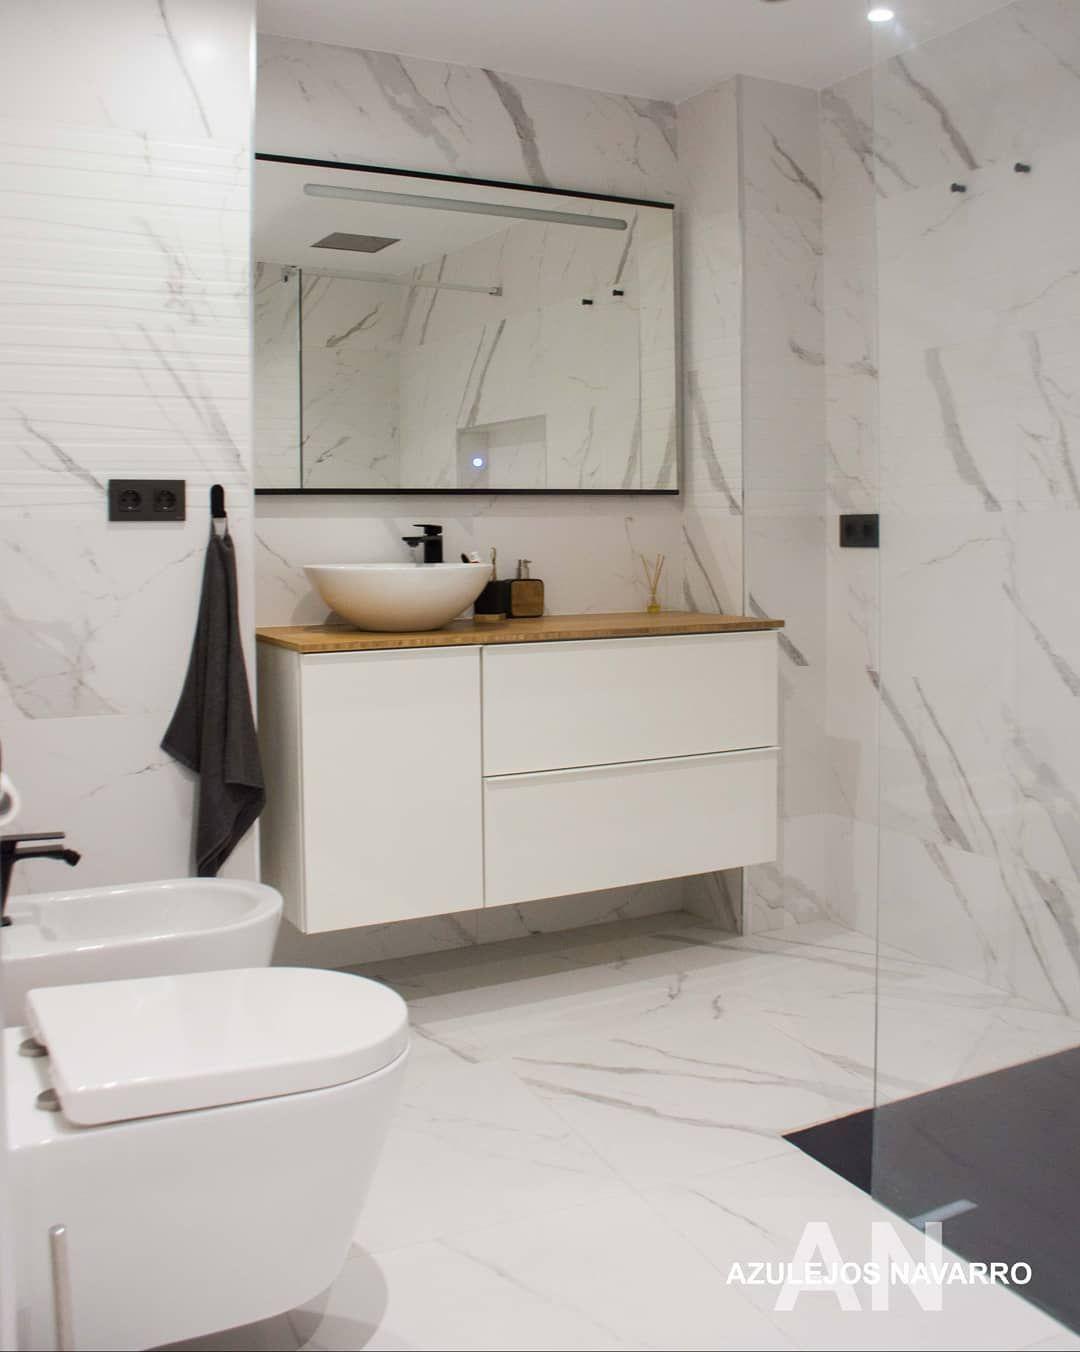 Luxusné kúpelne zo Španielska - Calacatta 40X120, rektifikovaný obklad, 1 trieda, najlepšia cena na trhu